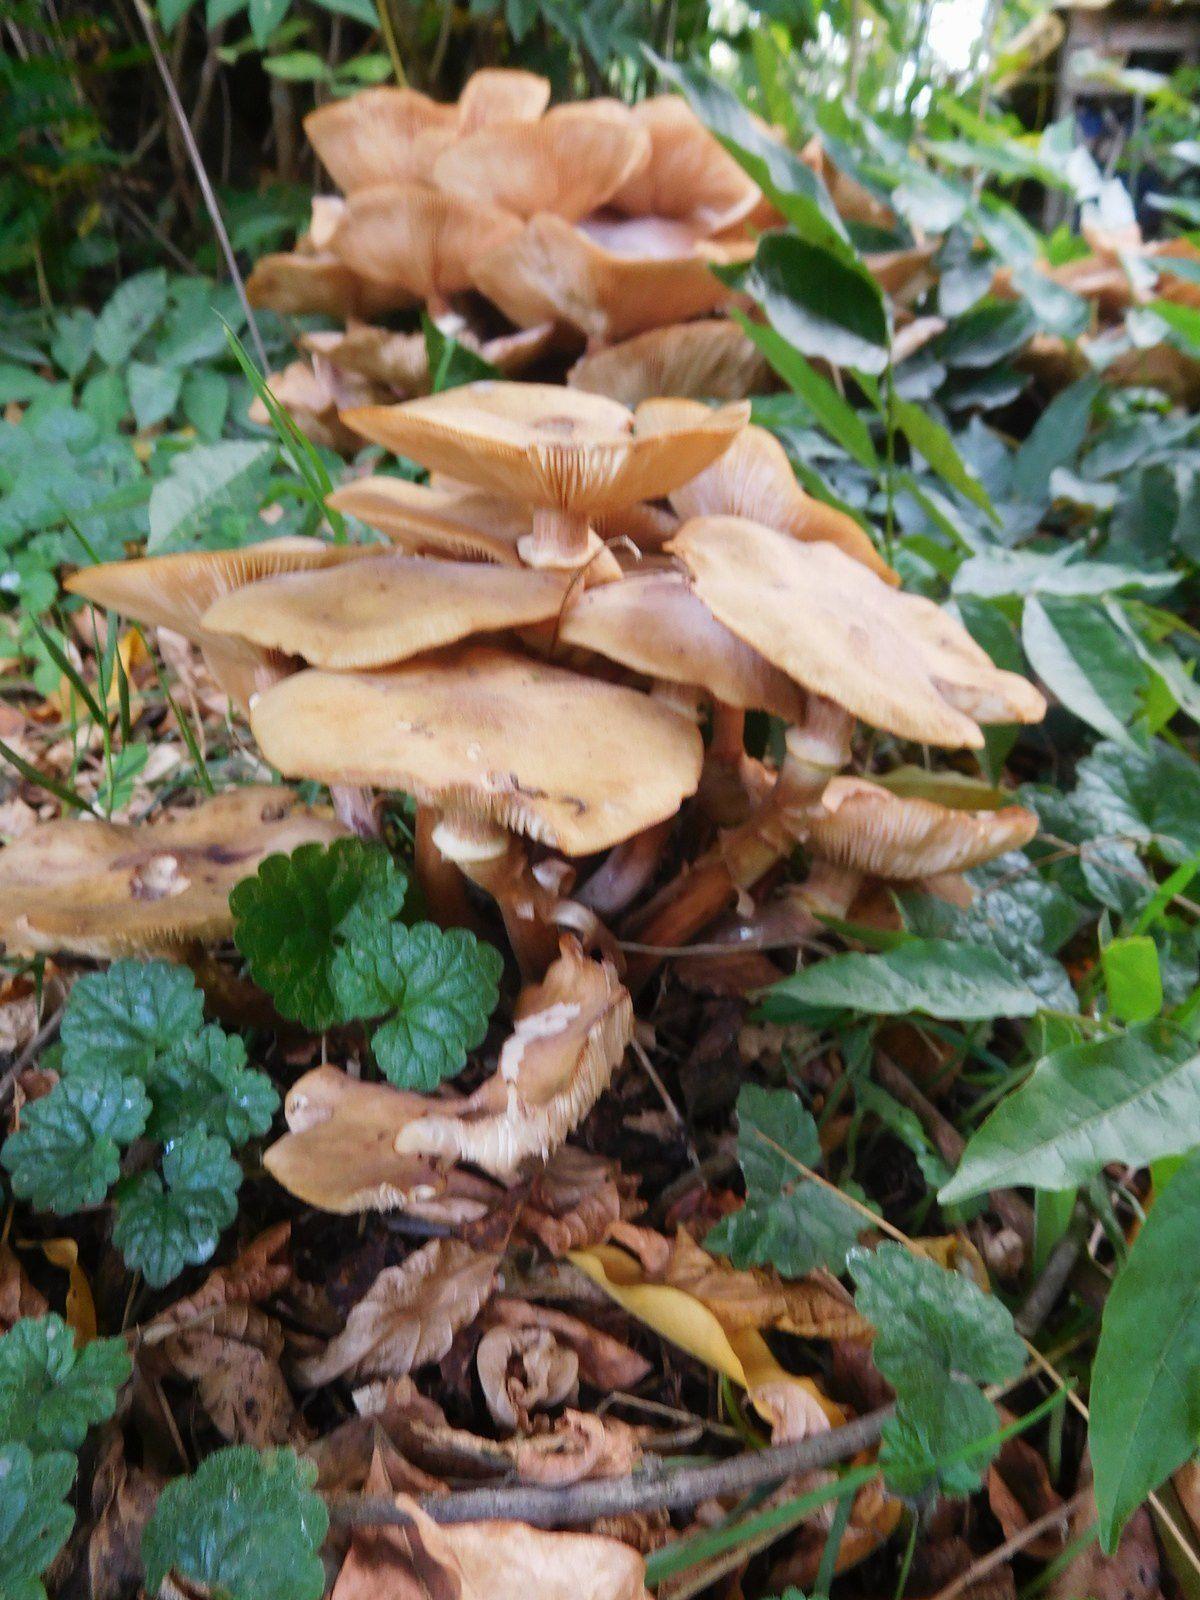 photos 5 à 7 : flora